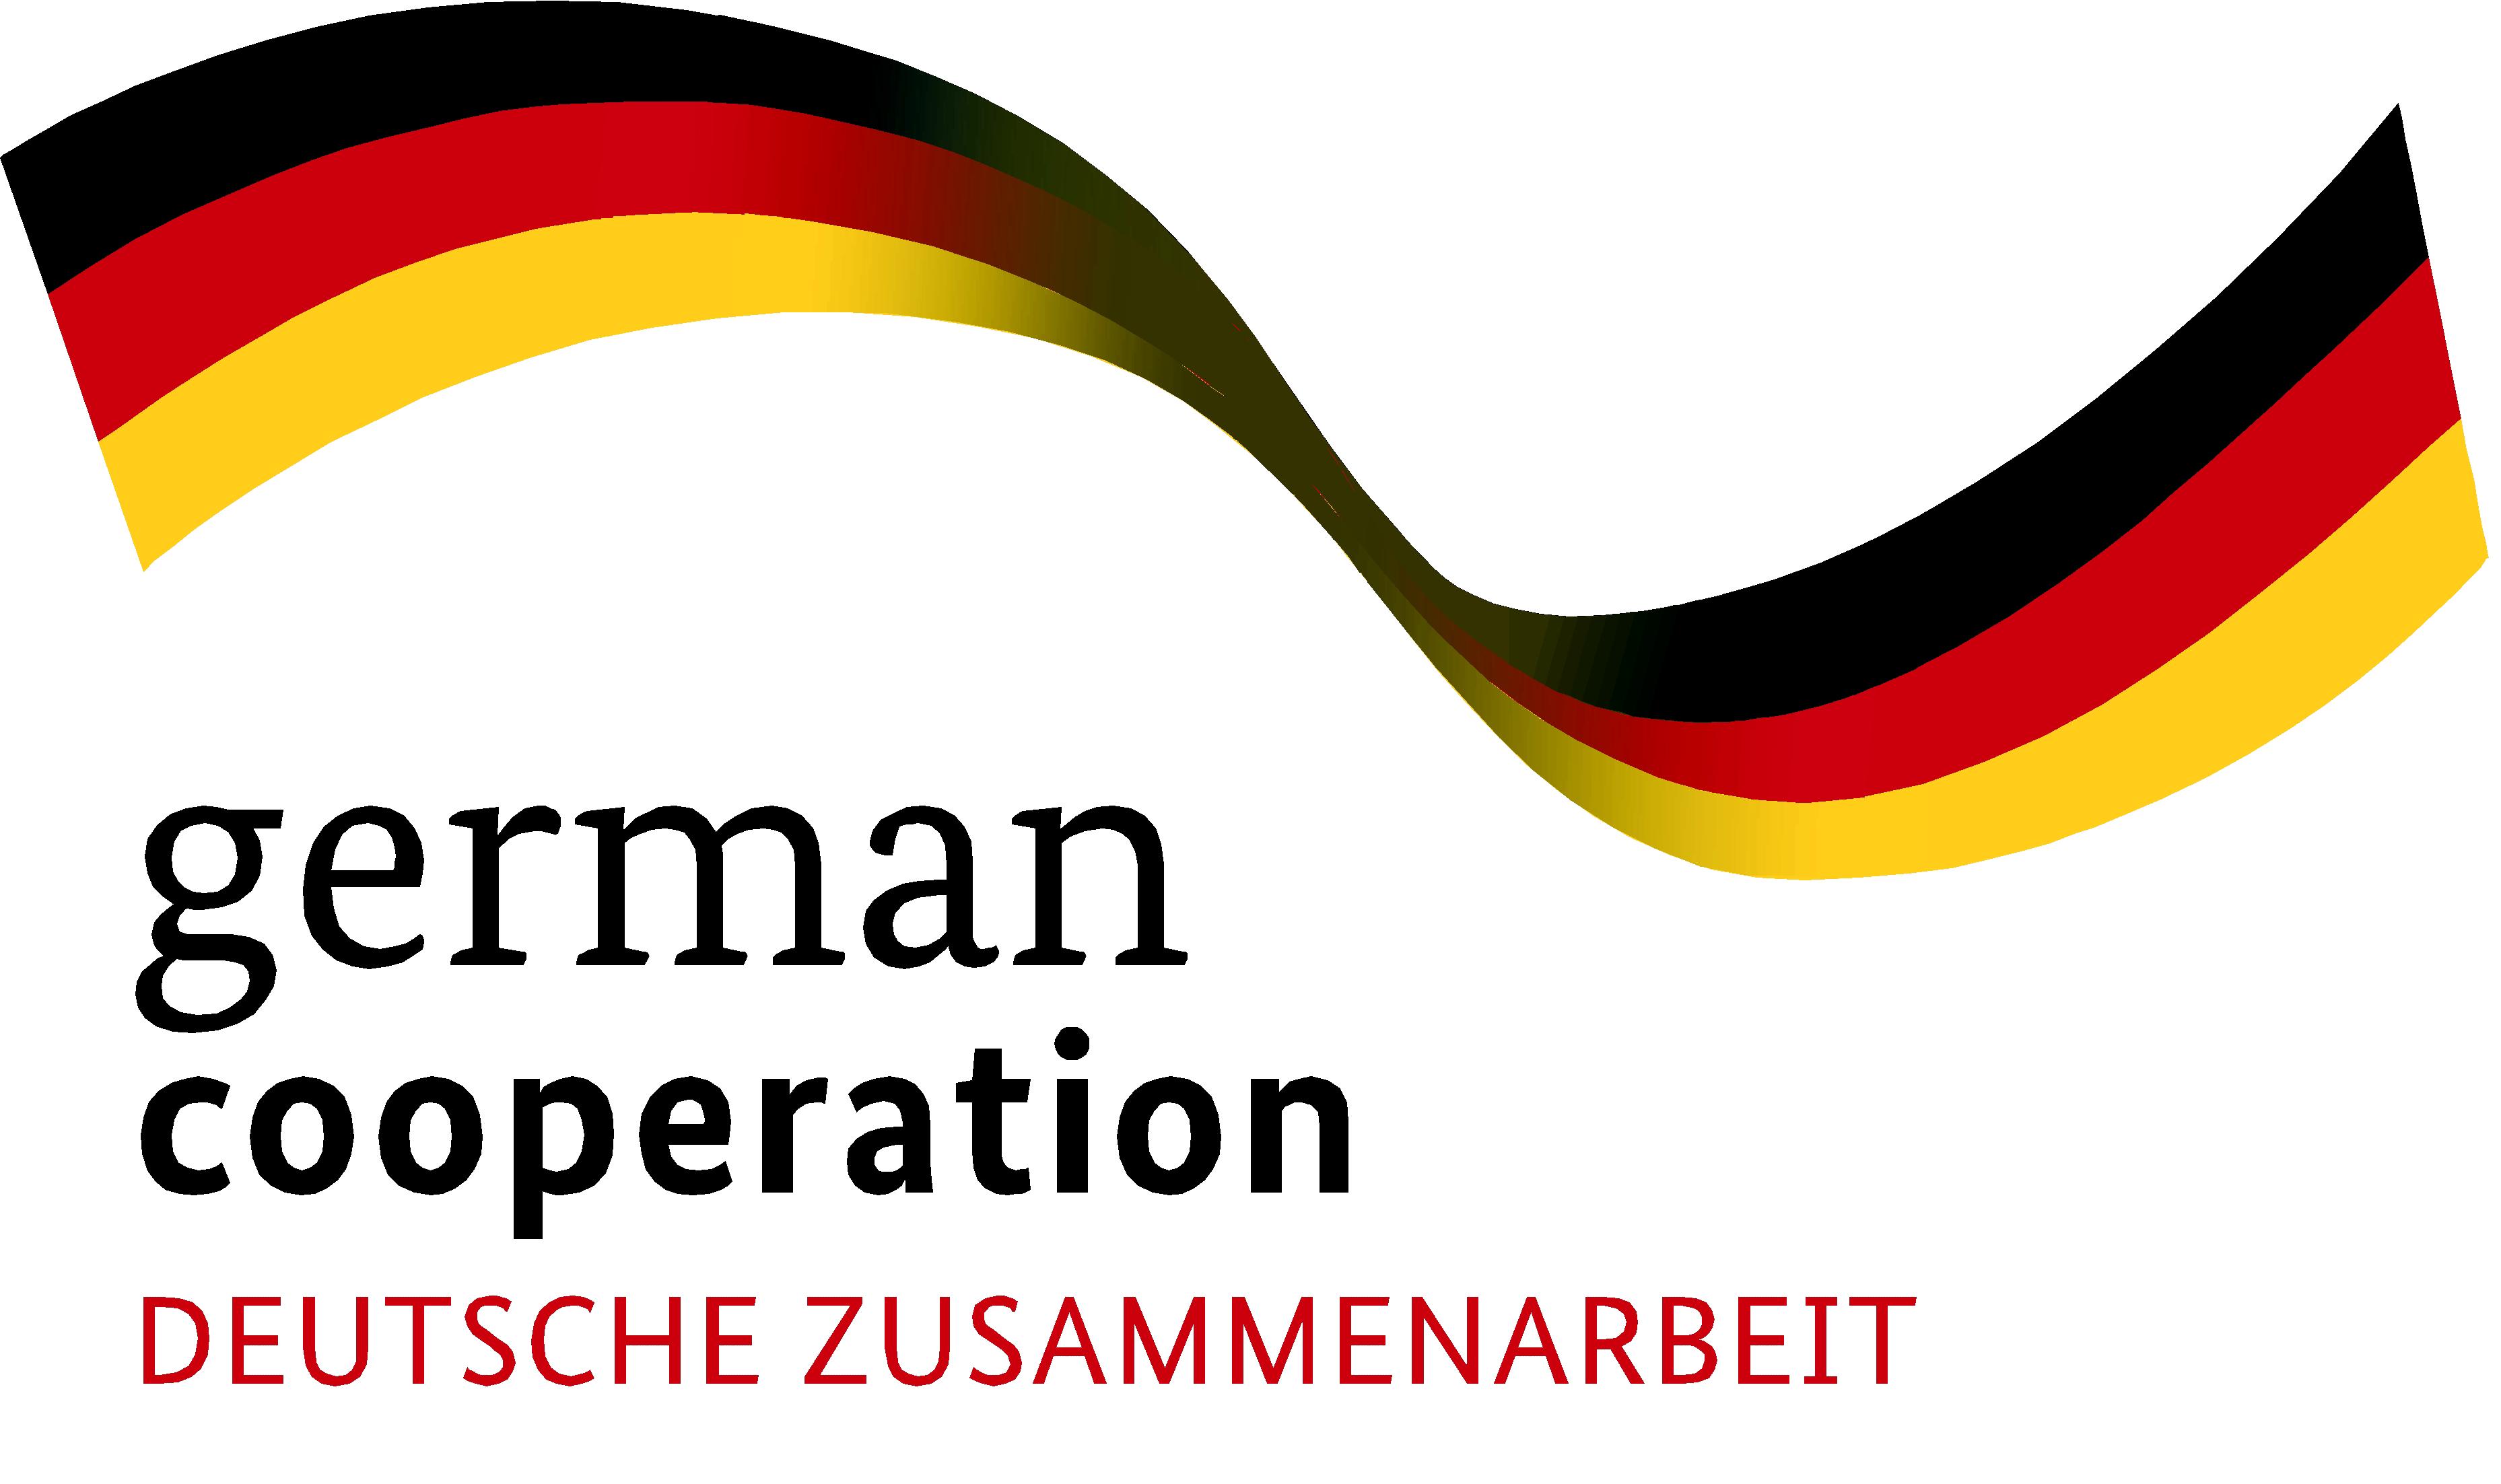 German_corp_logo